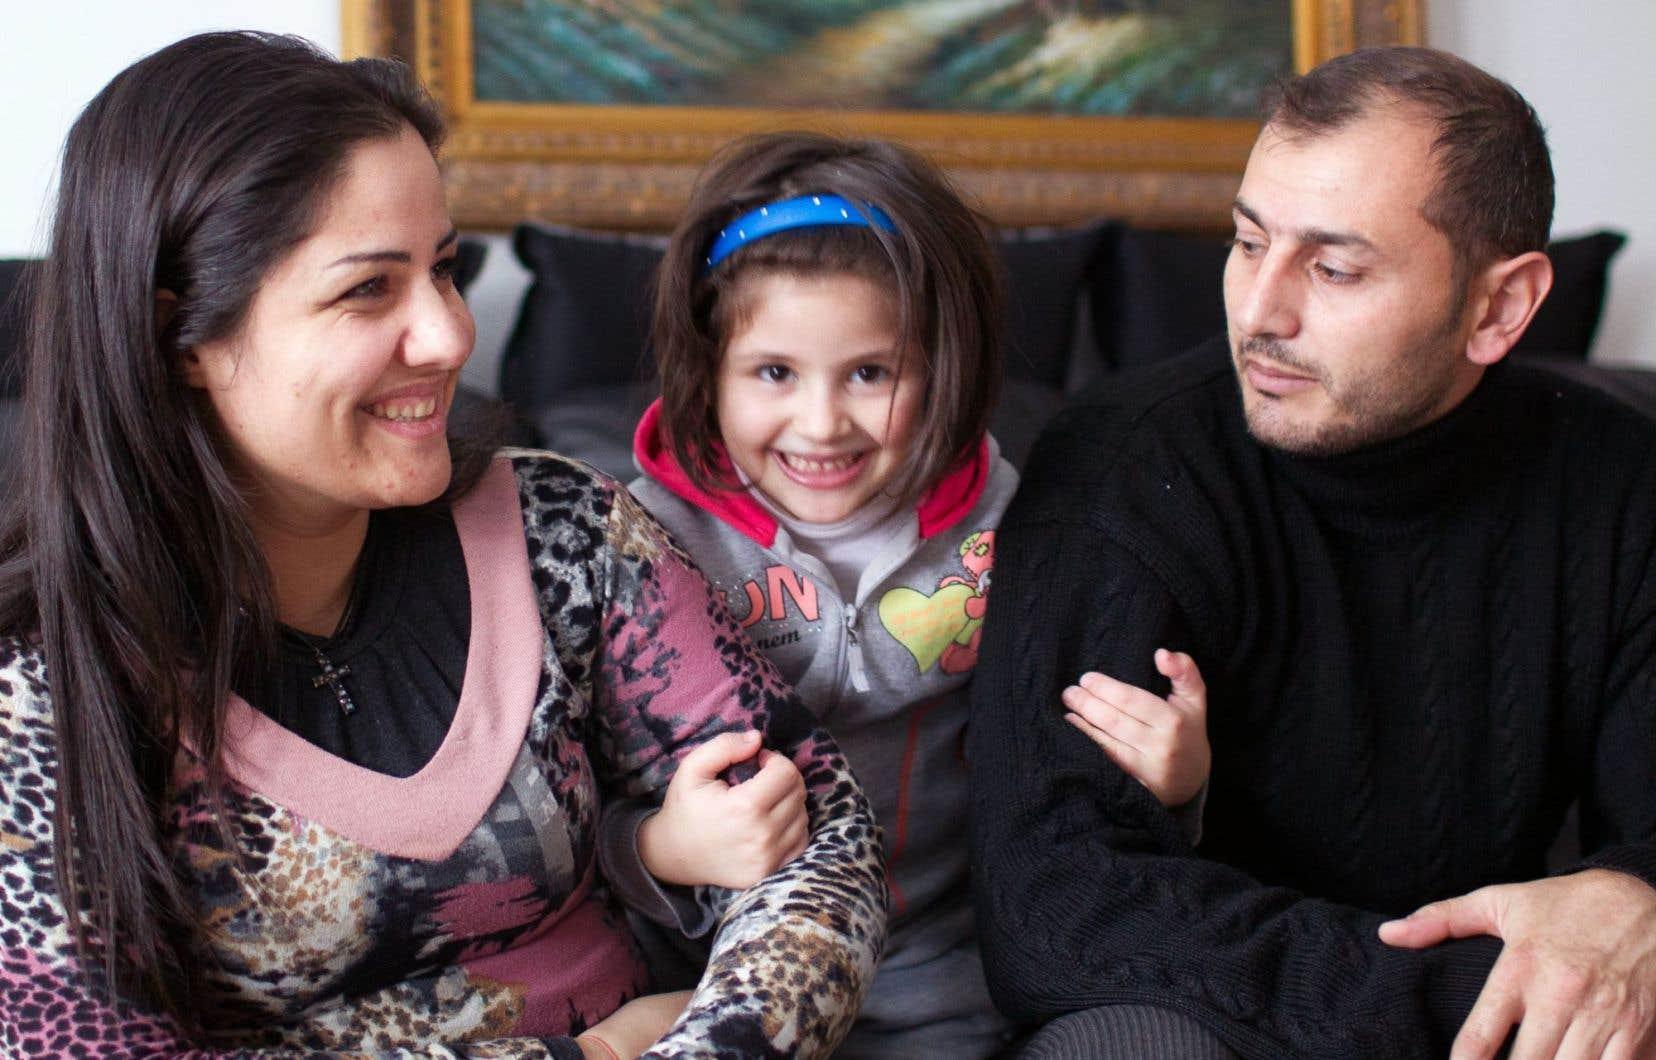 Les besoins des réfugiés sont nombreux à leur arrivée au pays.